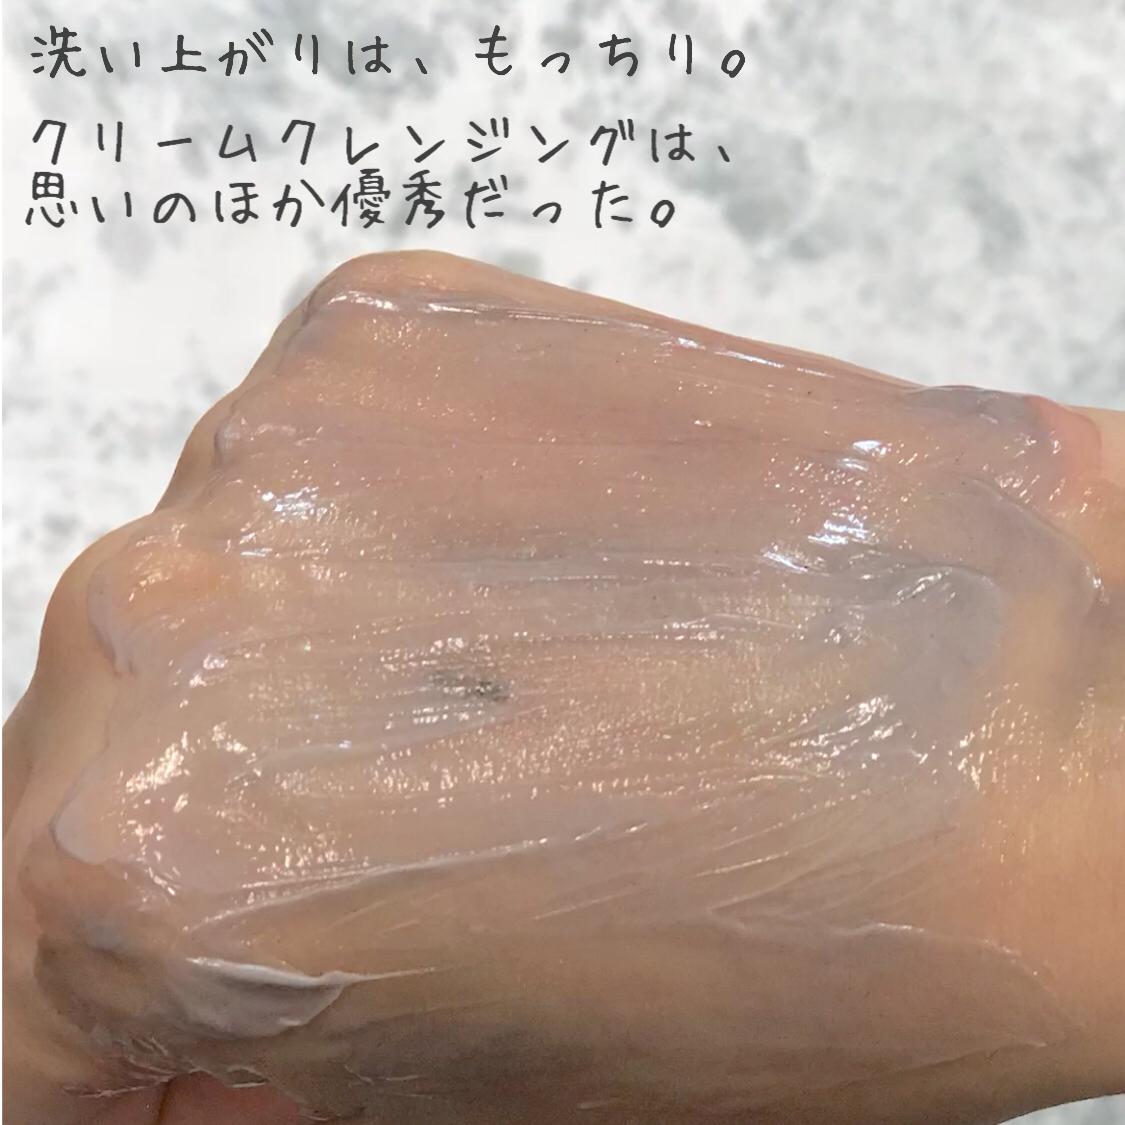 ちふれ ウォッシャブル コールド クリーム(乳液)を使ったクチコミ(3枚目)